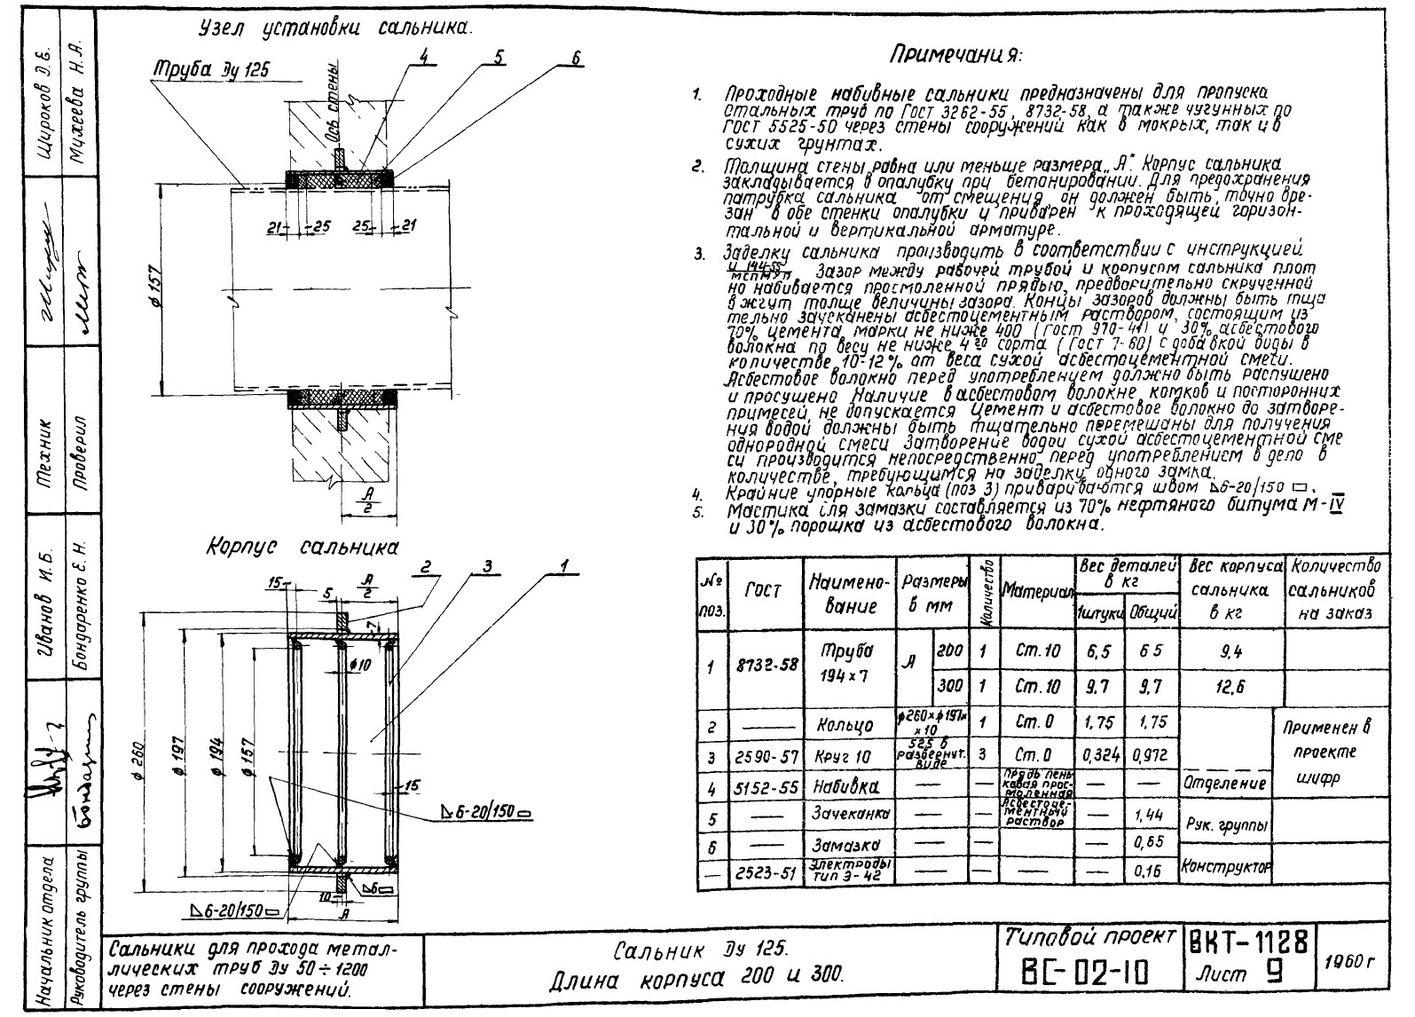 Сальники набивные L = 300 мм типовой проект ВС-02-10 стр.4